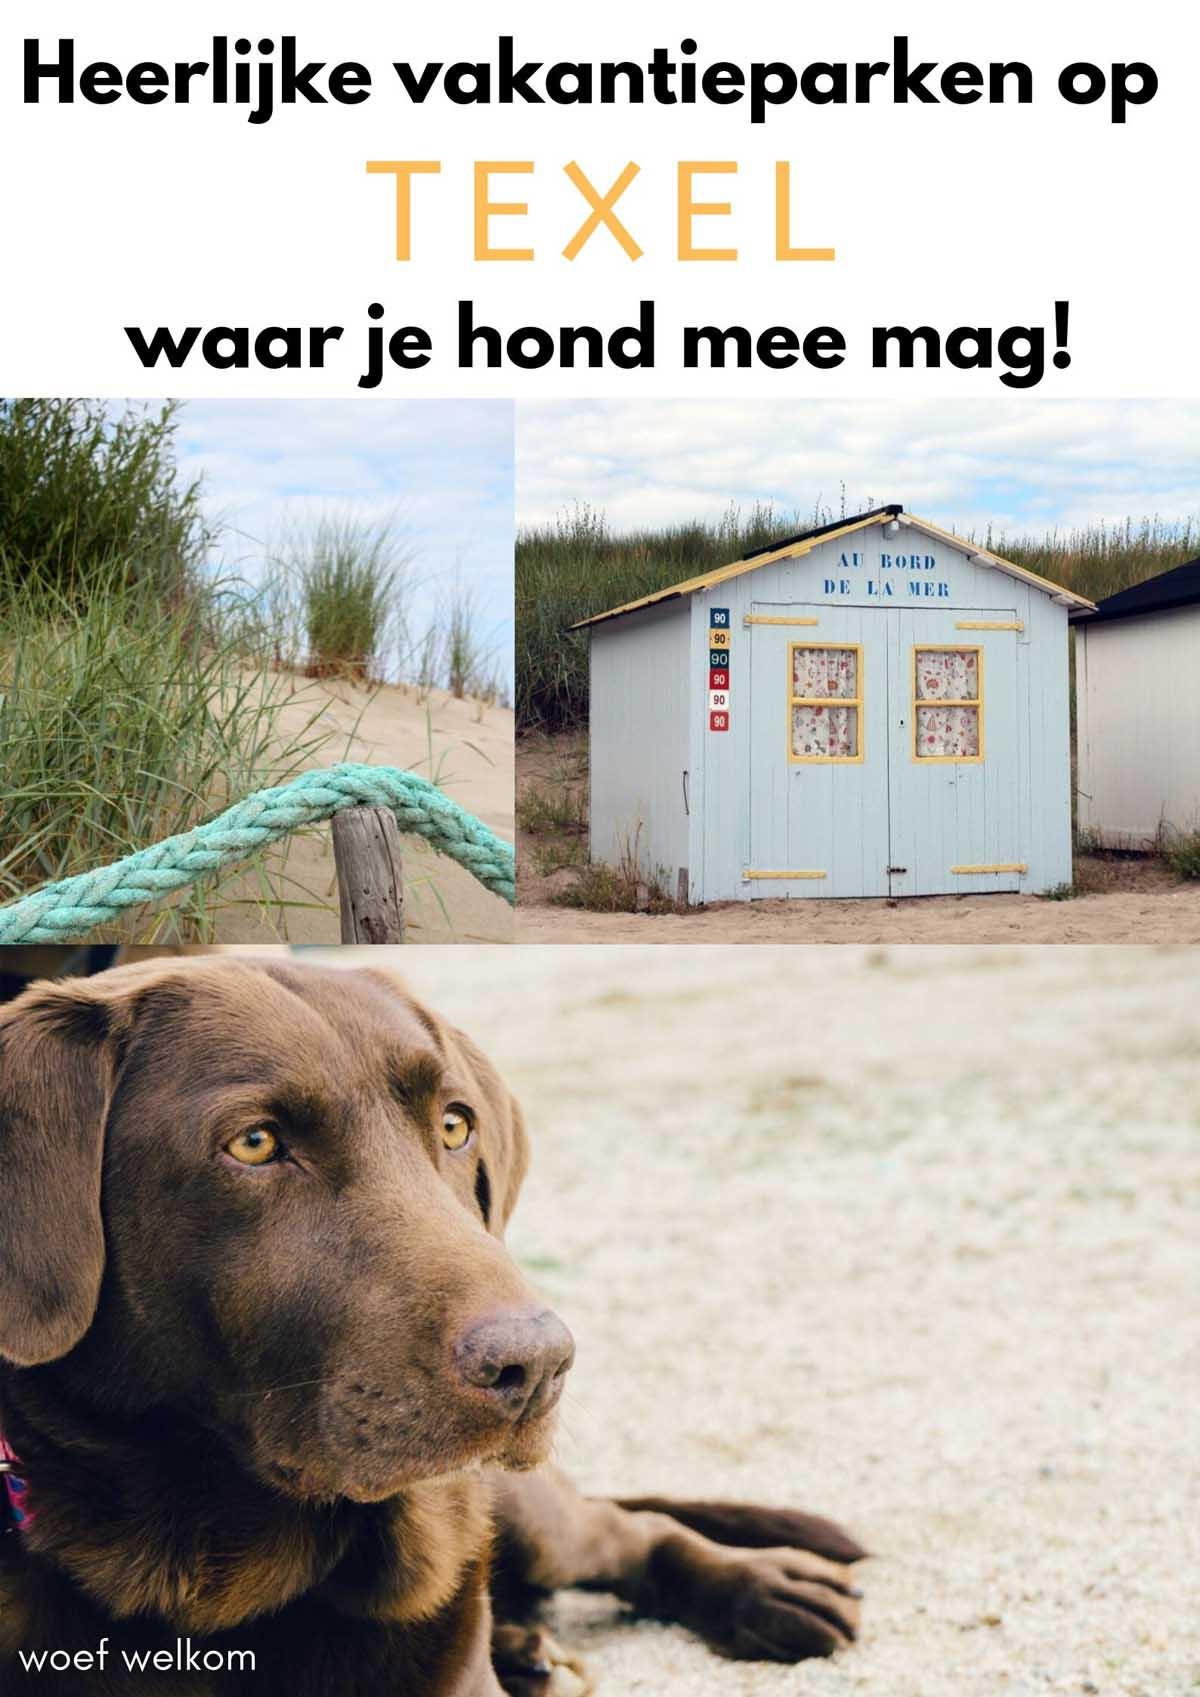 Heerlijke vakantieparken op Texel waar je hond mee mag - Woef Welkom